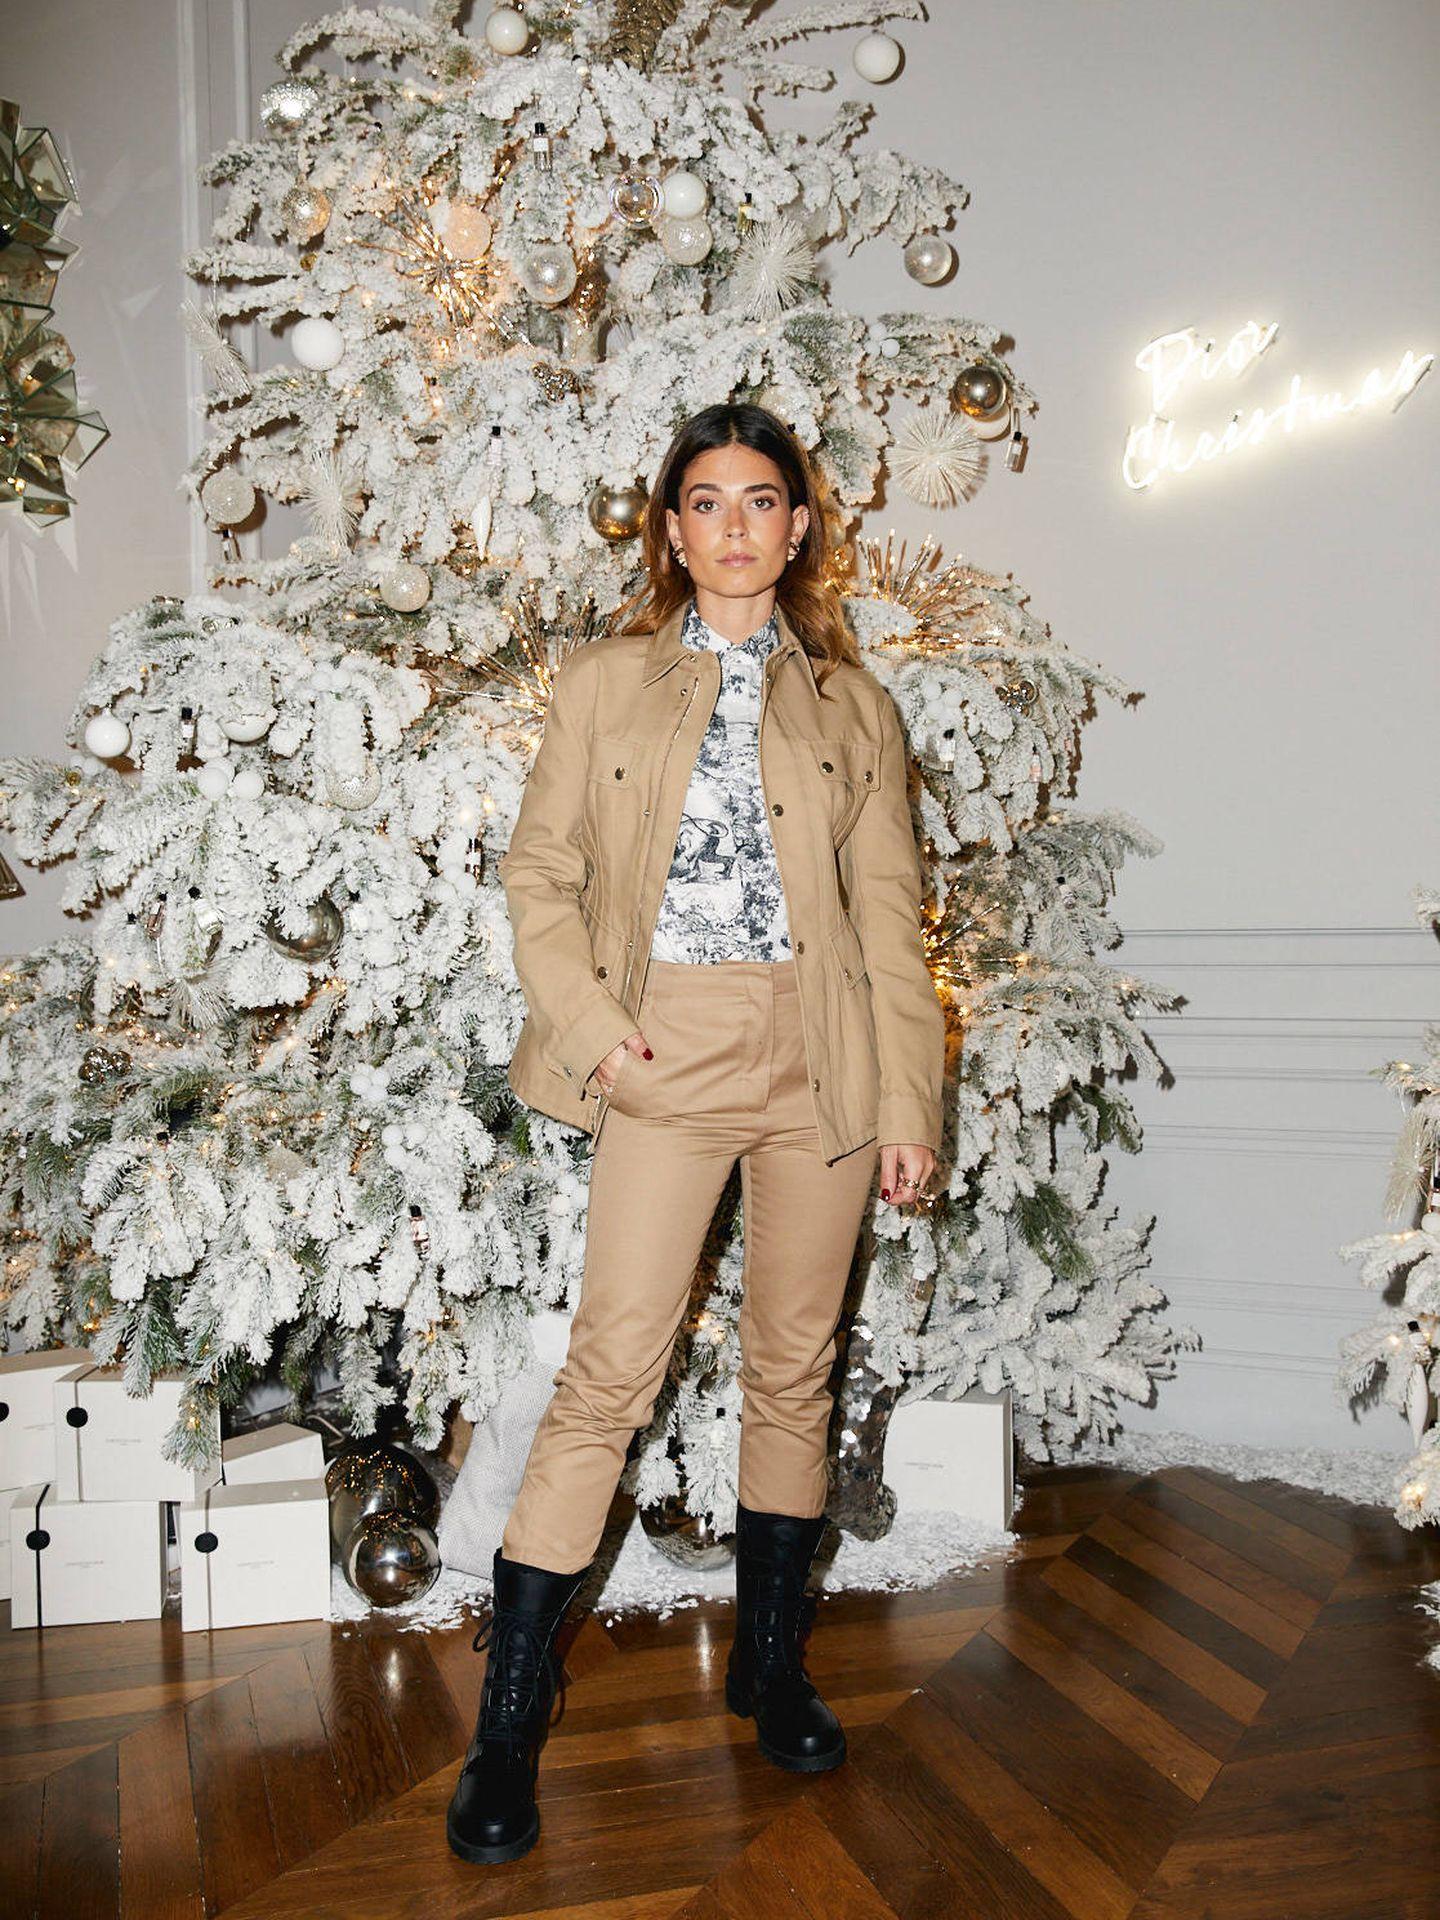 La influencer posando con la precolección de Maria Grazia Chiuri para Dior.